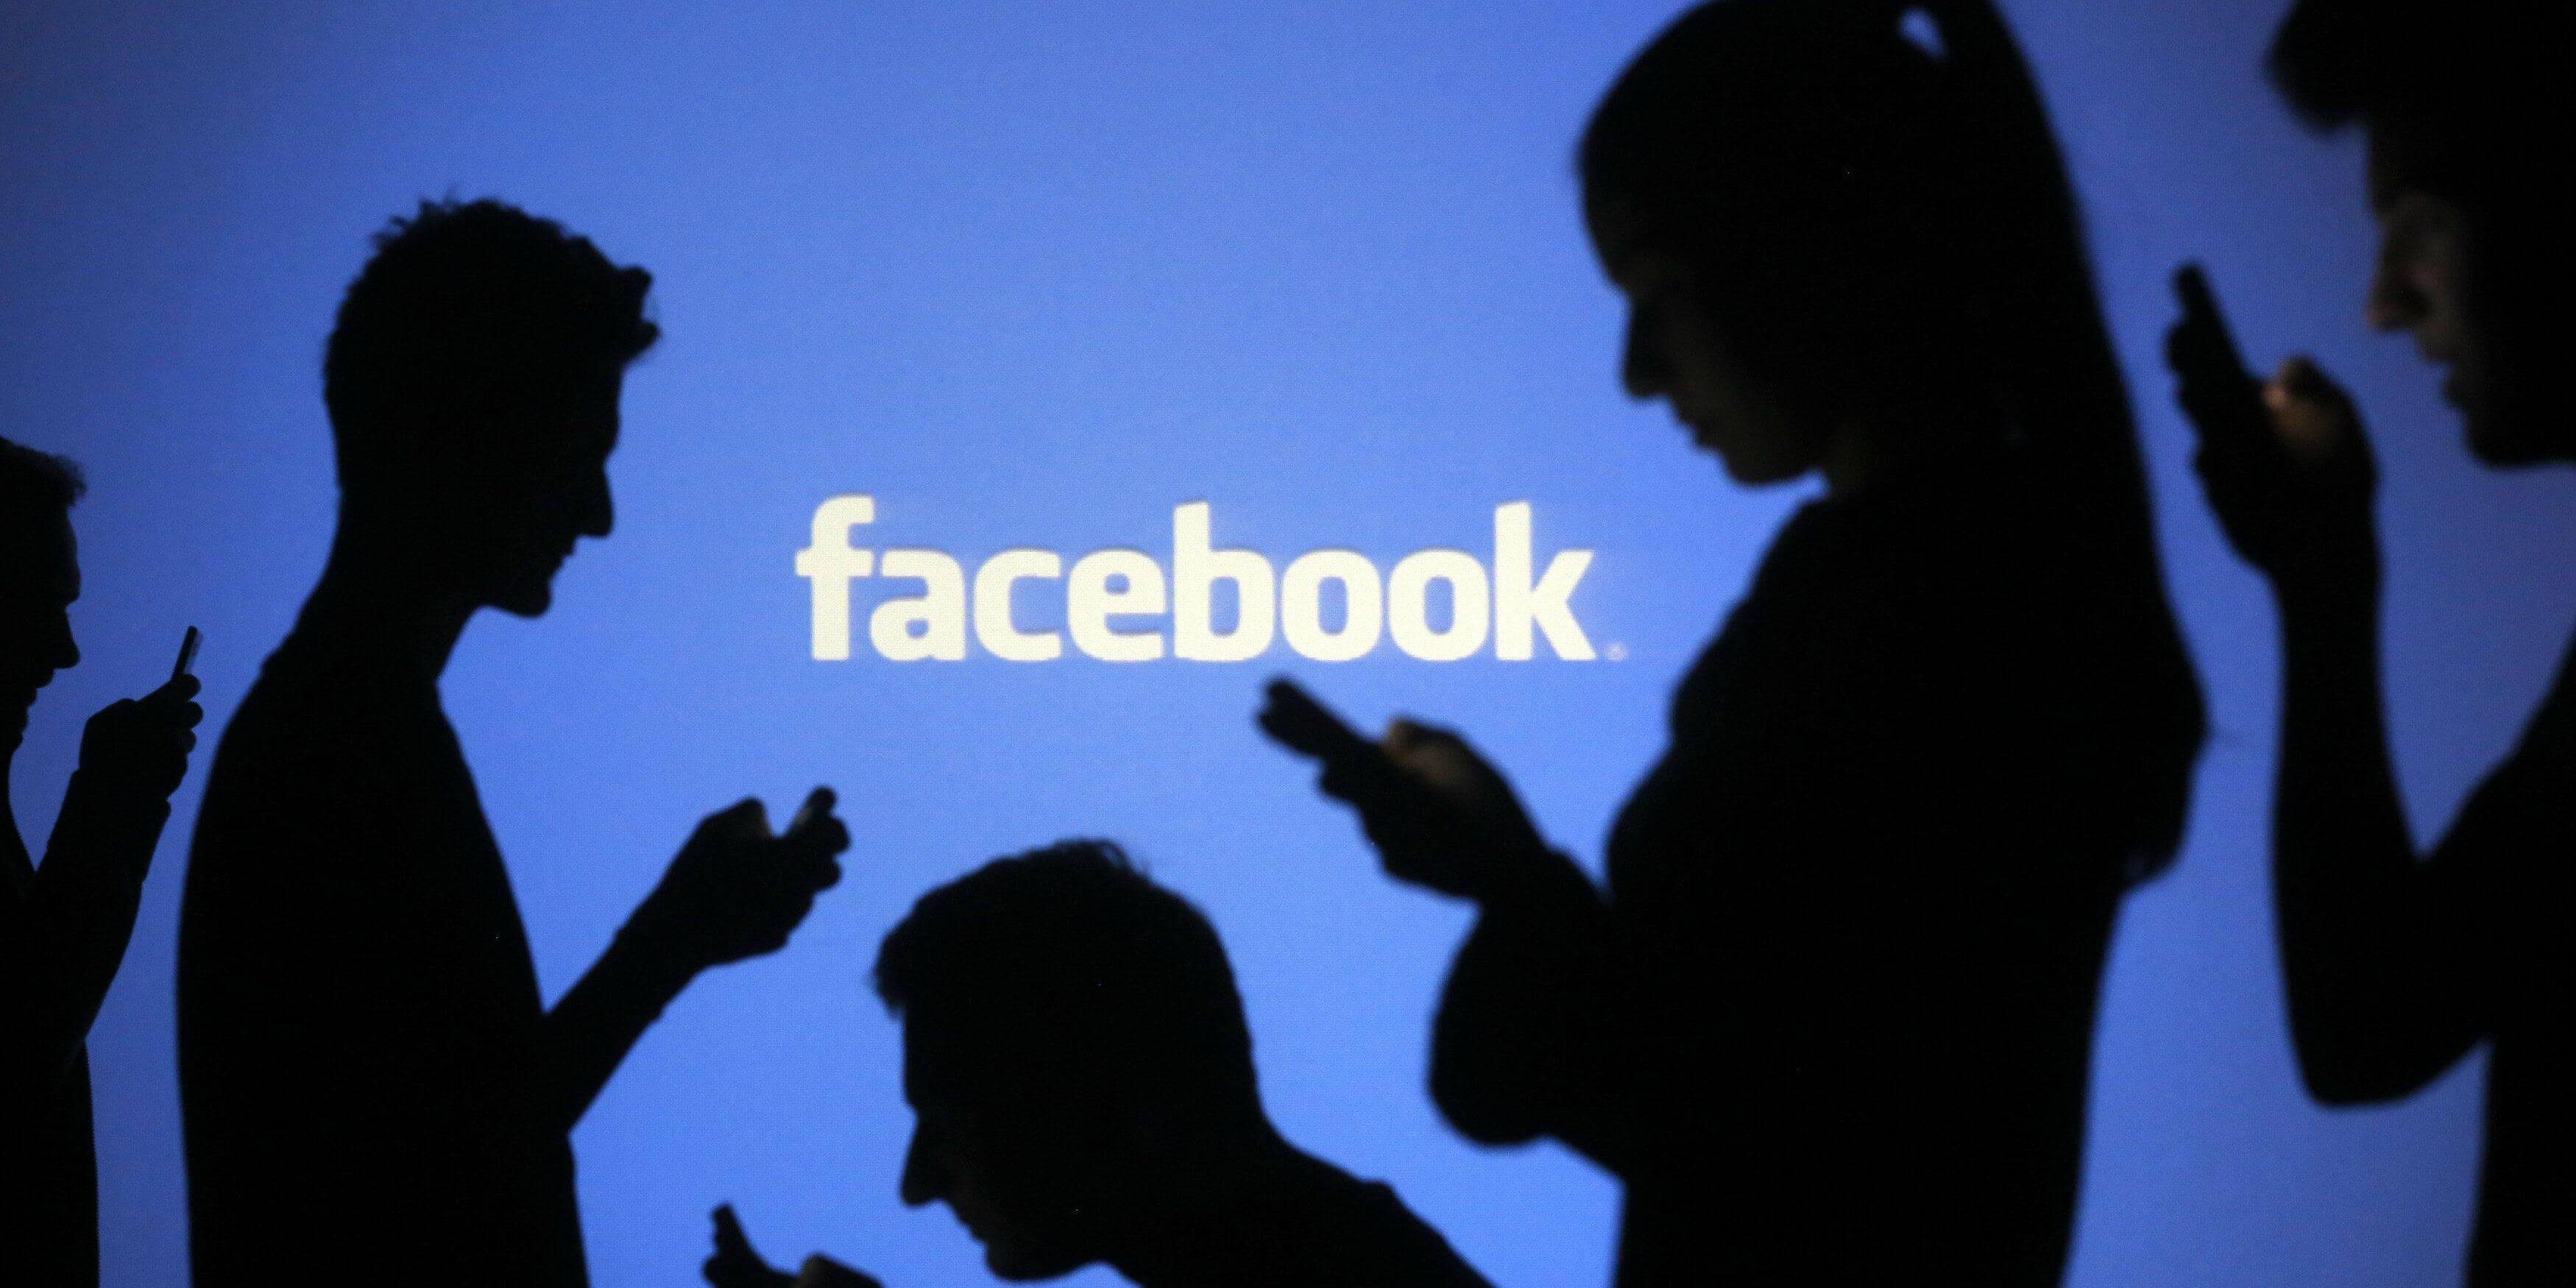 Tăng tỷ lệ chuyển đổi bài đăng facebookhiệu quả